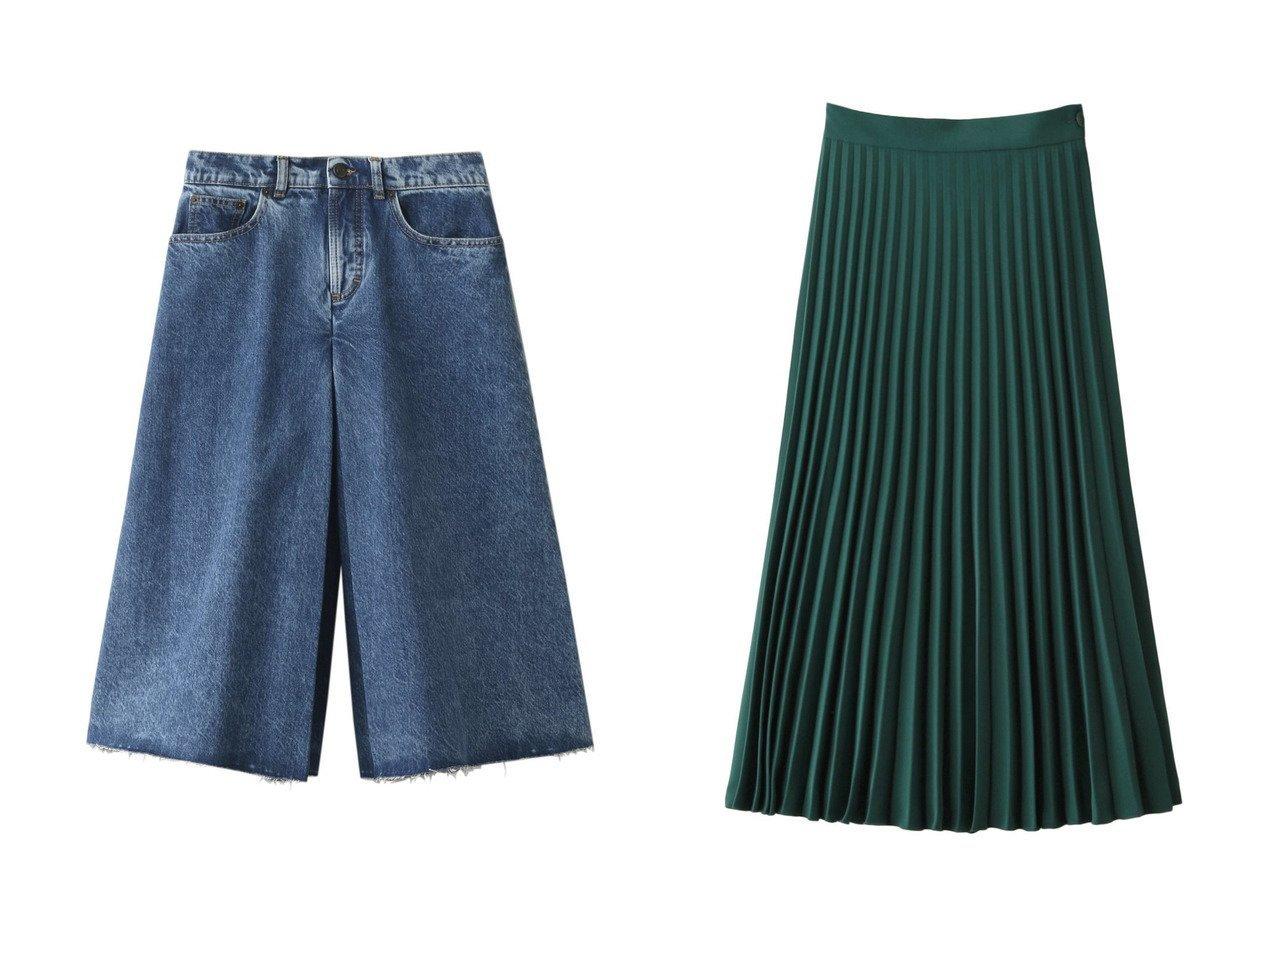 【MM6 Maison Martin Margiela/エムエム6 メゾン マルタン マルジェラ】のプリーツスカート&【MAISON MARGIELA/メゾン マルジェラ】のリサイクルデニムタックキュロットスカート おすすめ!人気、トレンド・レディースファッションの通販 おすすめで人気の流行・トレンド、ファッションの通販商品 メンズファッション・キッズファッション・インテリア・家具・レディースファッション・服の通販 founy(ファニー) https://founy.com/ ファッション Fashion レディースファッション WOMEN スカート Skirt キュロットスカート Culotte Skirt プリーツスカート Pleated Skirts ロングスカート Long Skirt 2021年 2021 2021 春夏 S/S SS Spring/Summer 2021 S/S 春夏 SS Spring/Summer デニム ワンポイント 春 Spring オケージョン プリーツ ロング 定番 Standard |ID:crp329100000016893